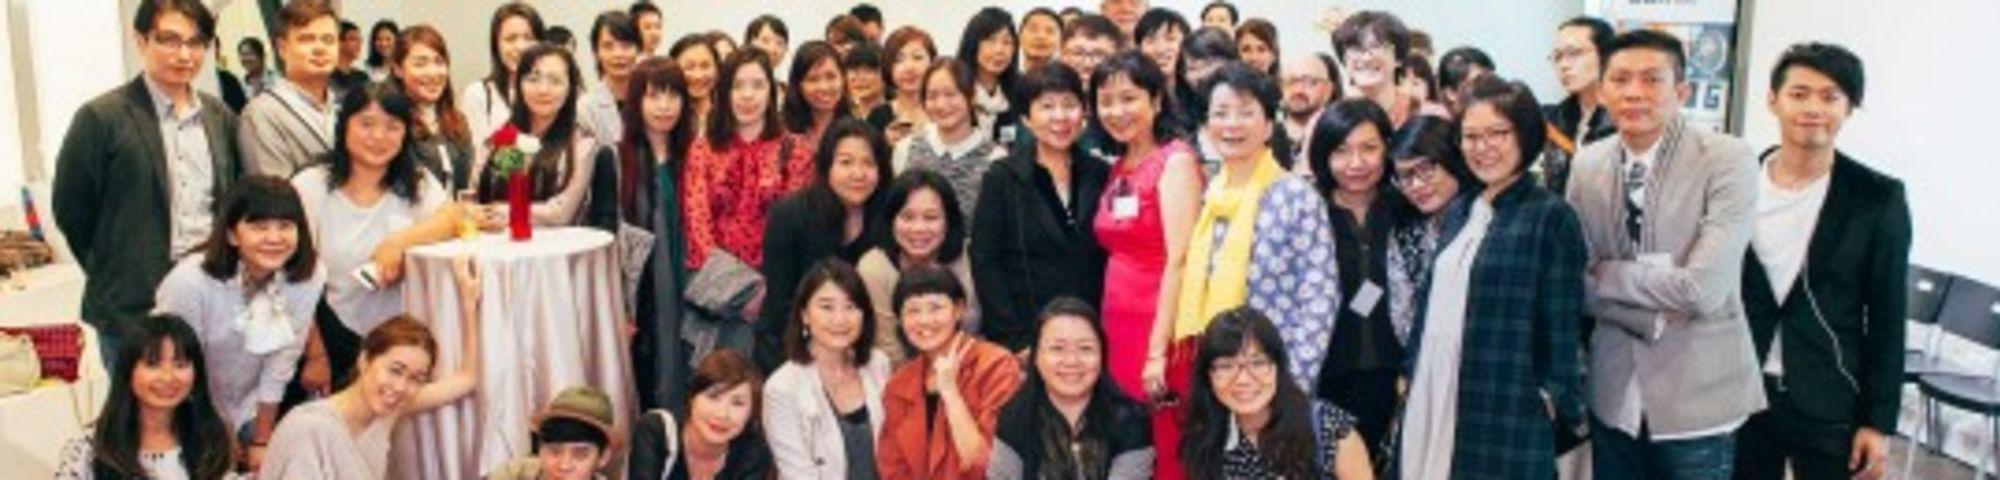 taiwan-blog